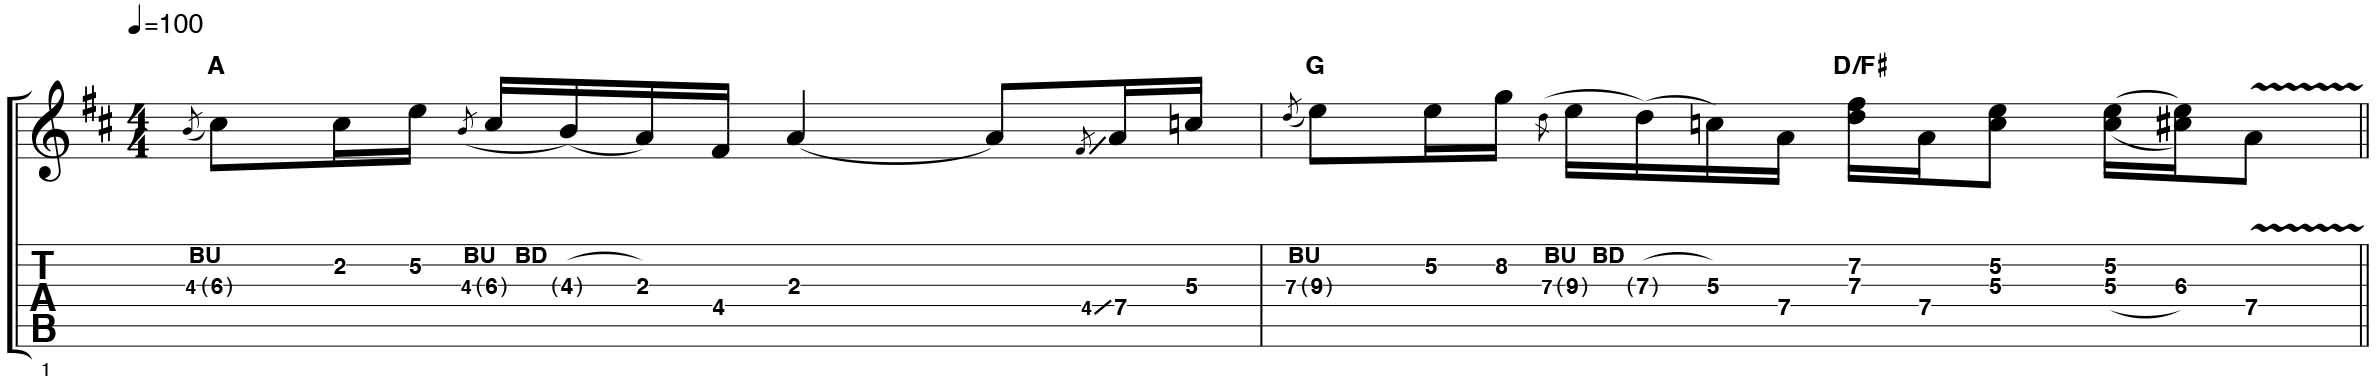 Гитарные приемы AC/DC: пентатоника в мажоре и миноре